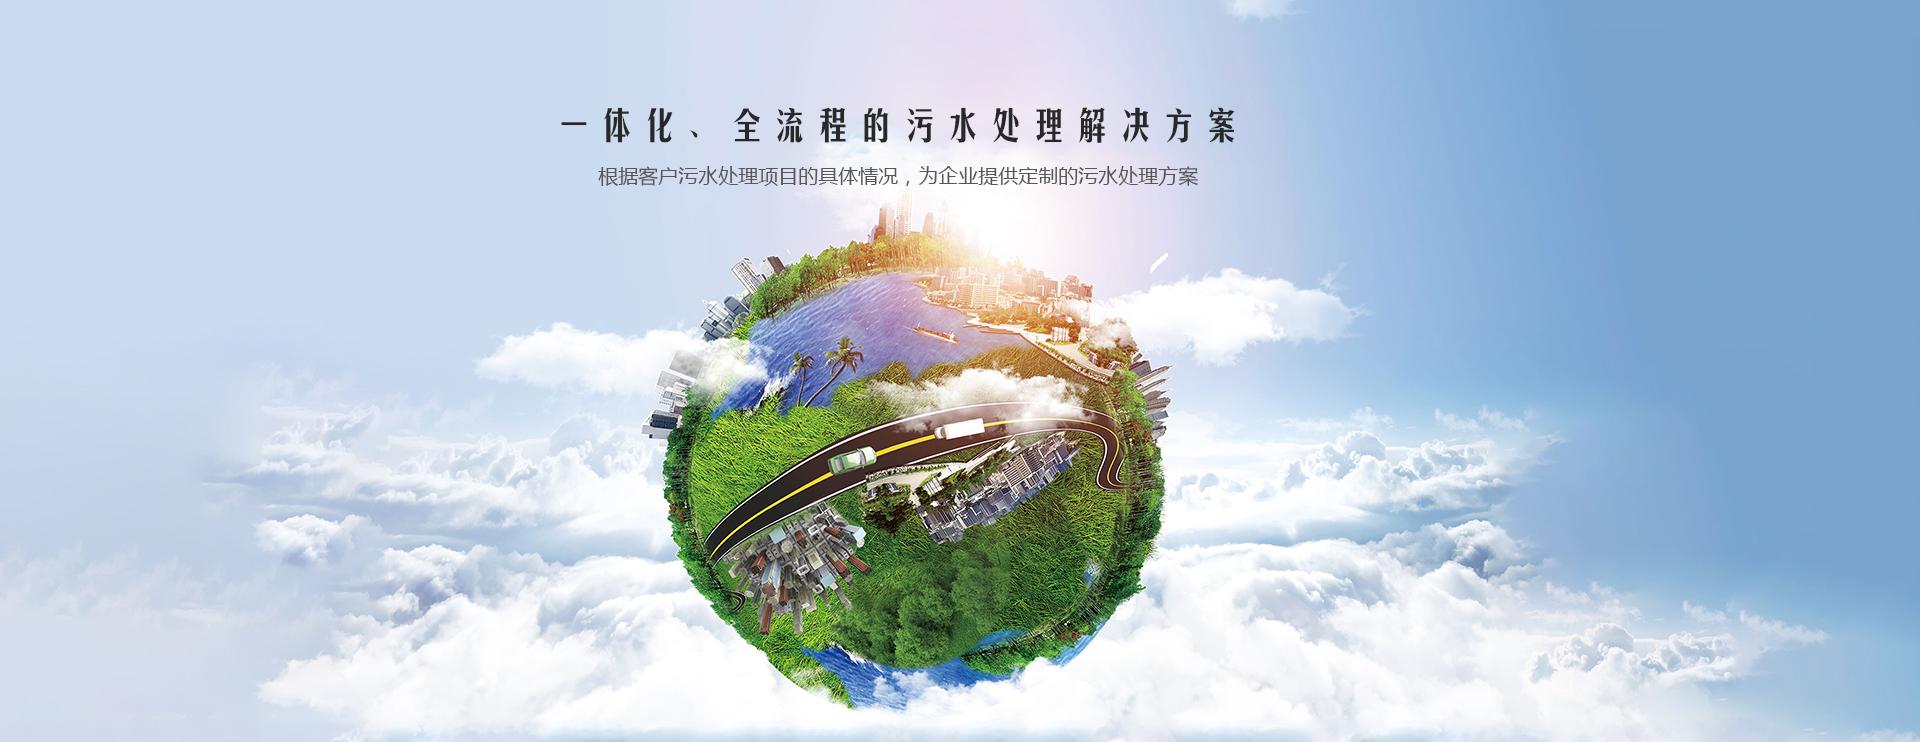 贵州污水处理